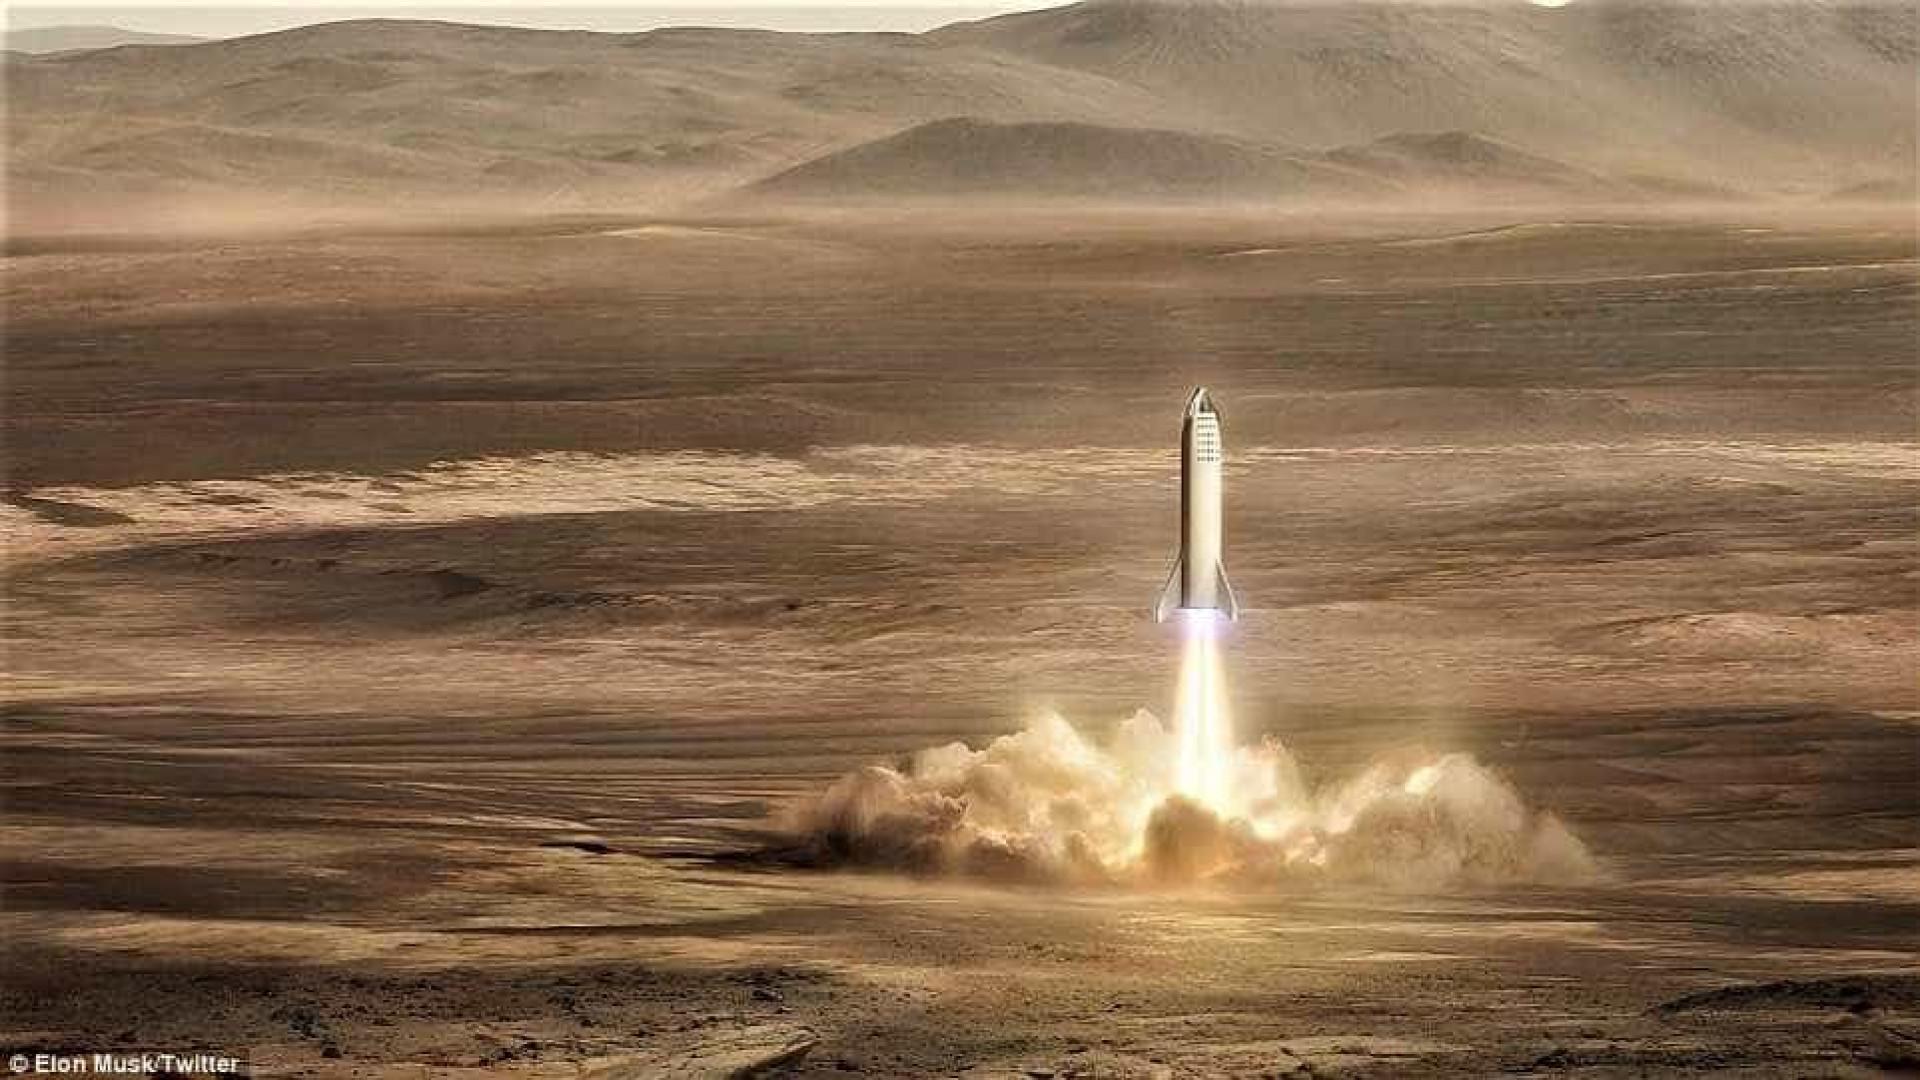 Estação em Marte? Imagens do projeto de Elon Musk foram divulgadas